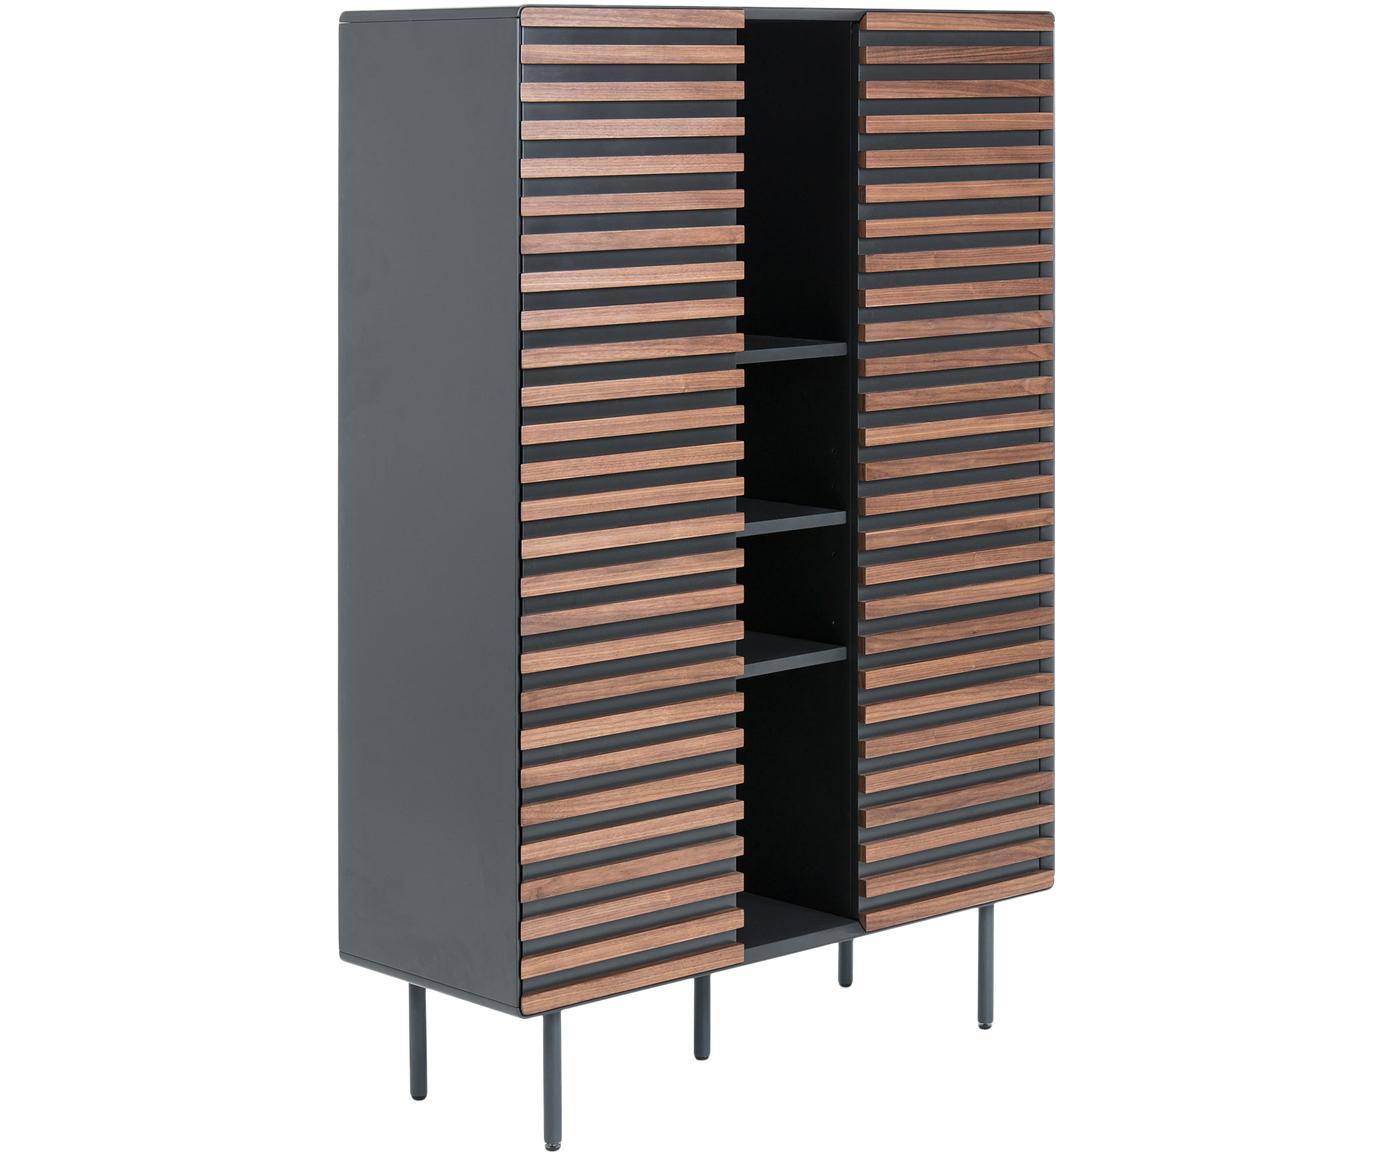 Dressoir Kesia met walnoothoutfineer, Frame: gelakt MDF, Poten: gelakt metaal, Zwart, walnootkleurig, 105 x 155 cm